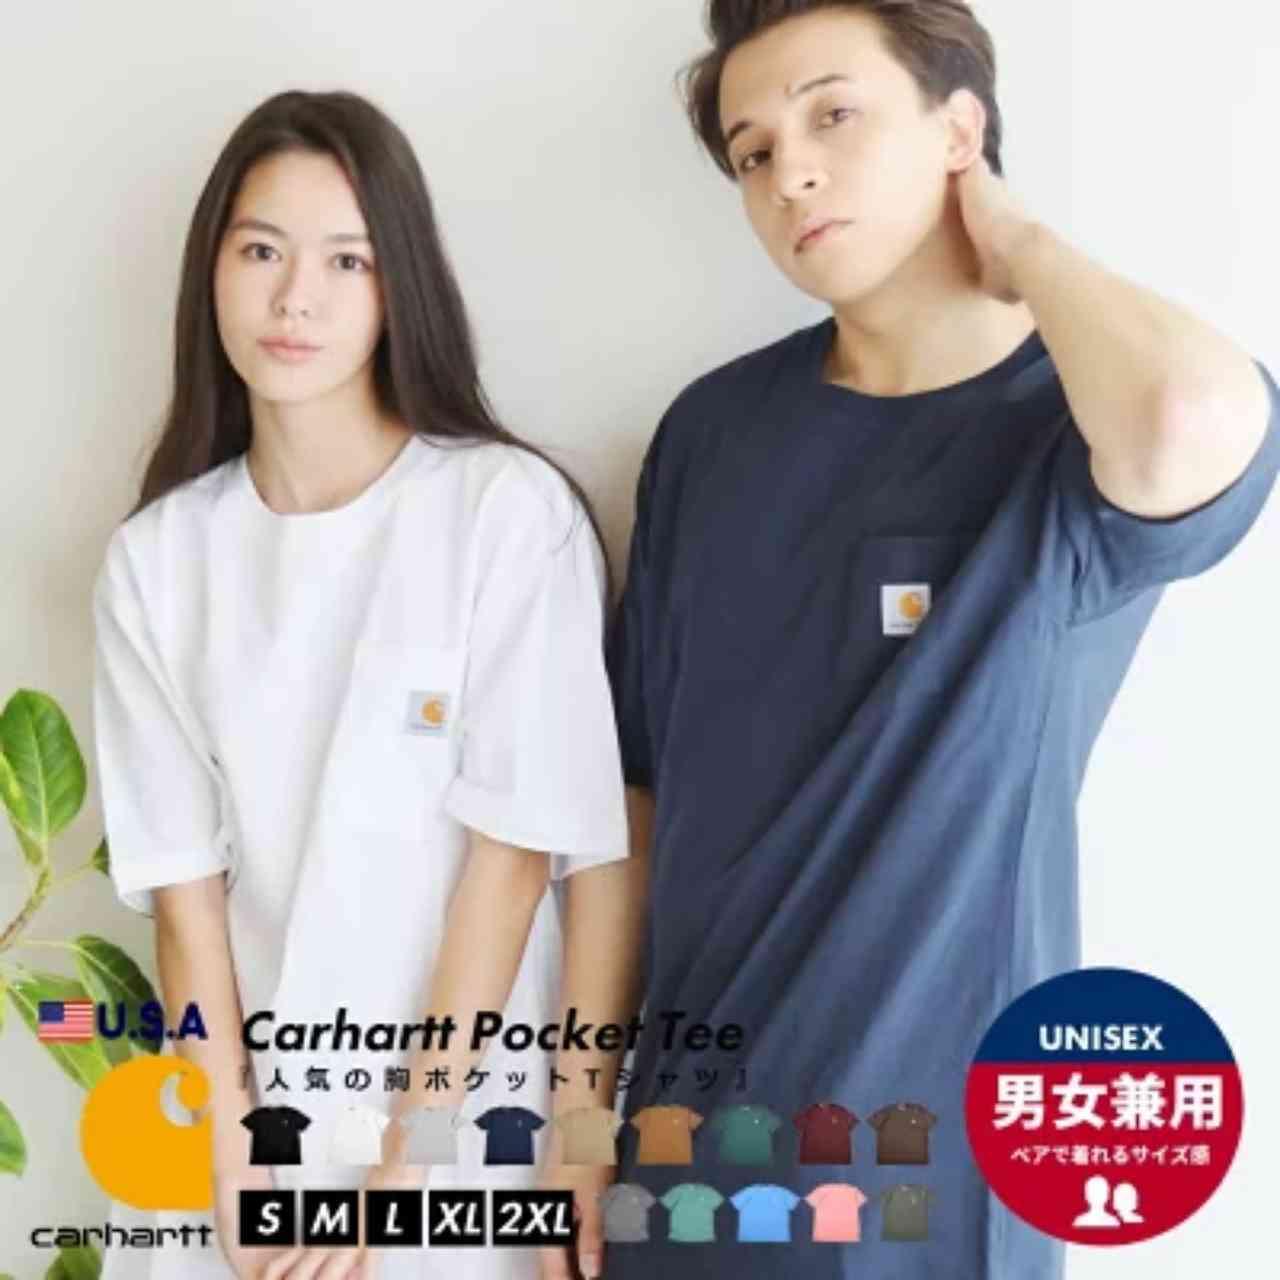 ペアで着れるシンプルデザインがうれしい「Carhartt (カーハート)胸ポケットTシャツ